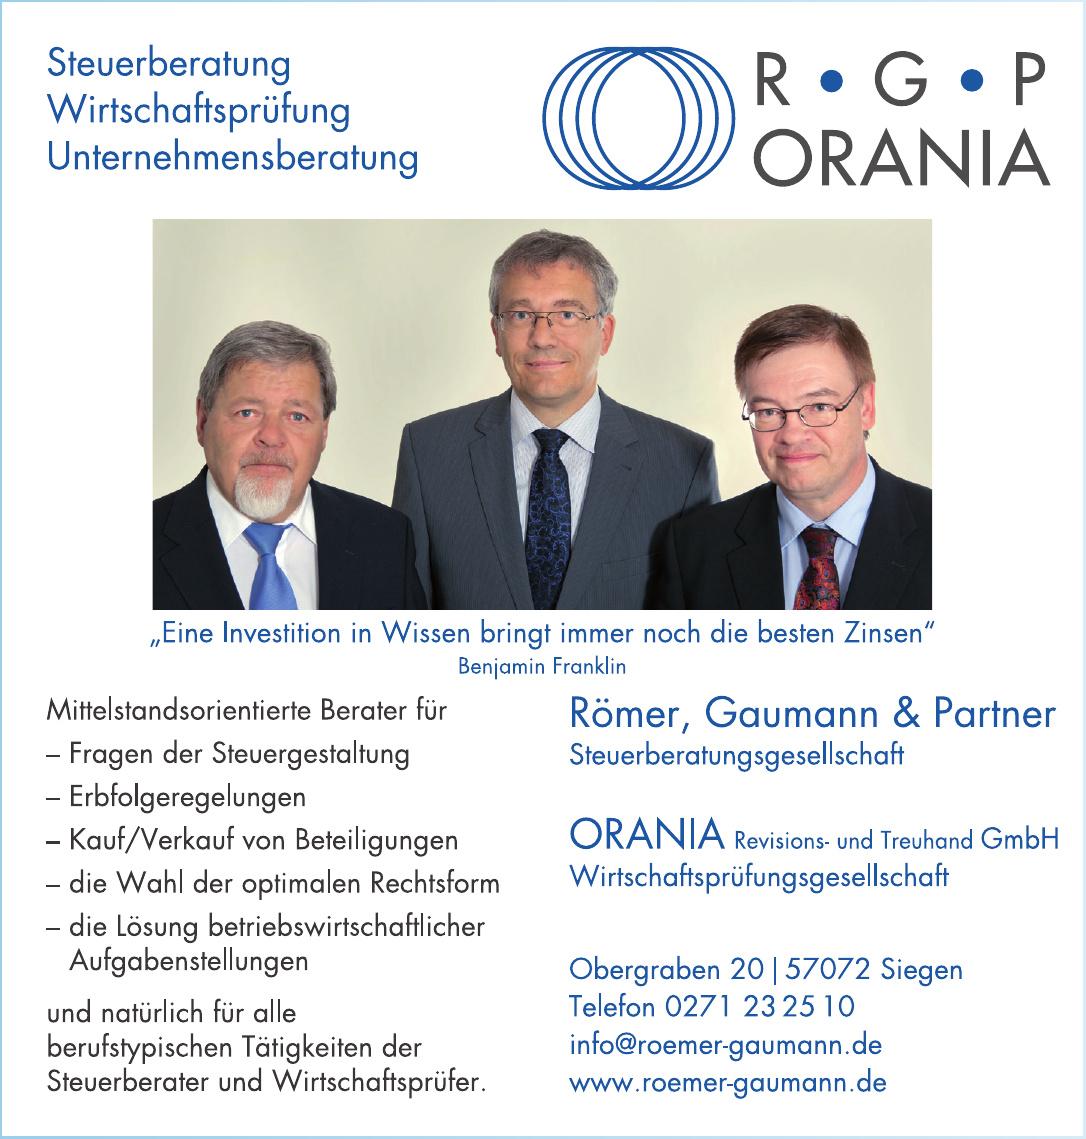 Römer, Gaumann & Partner